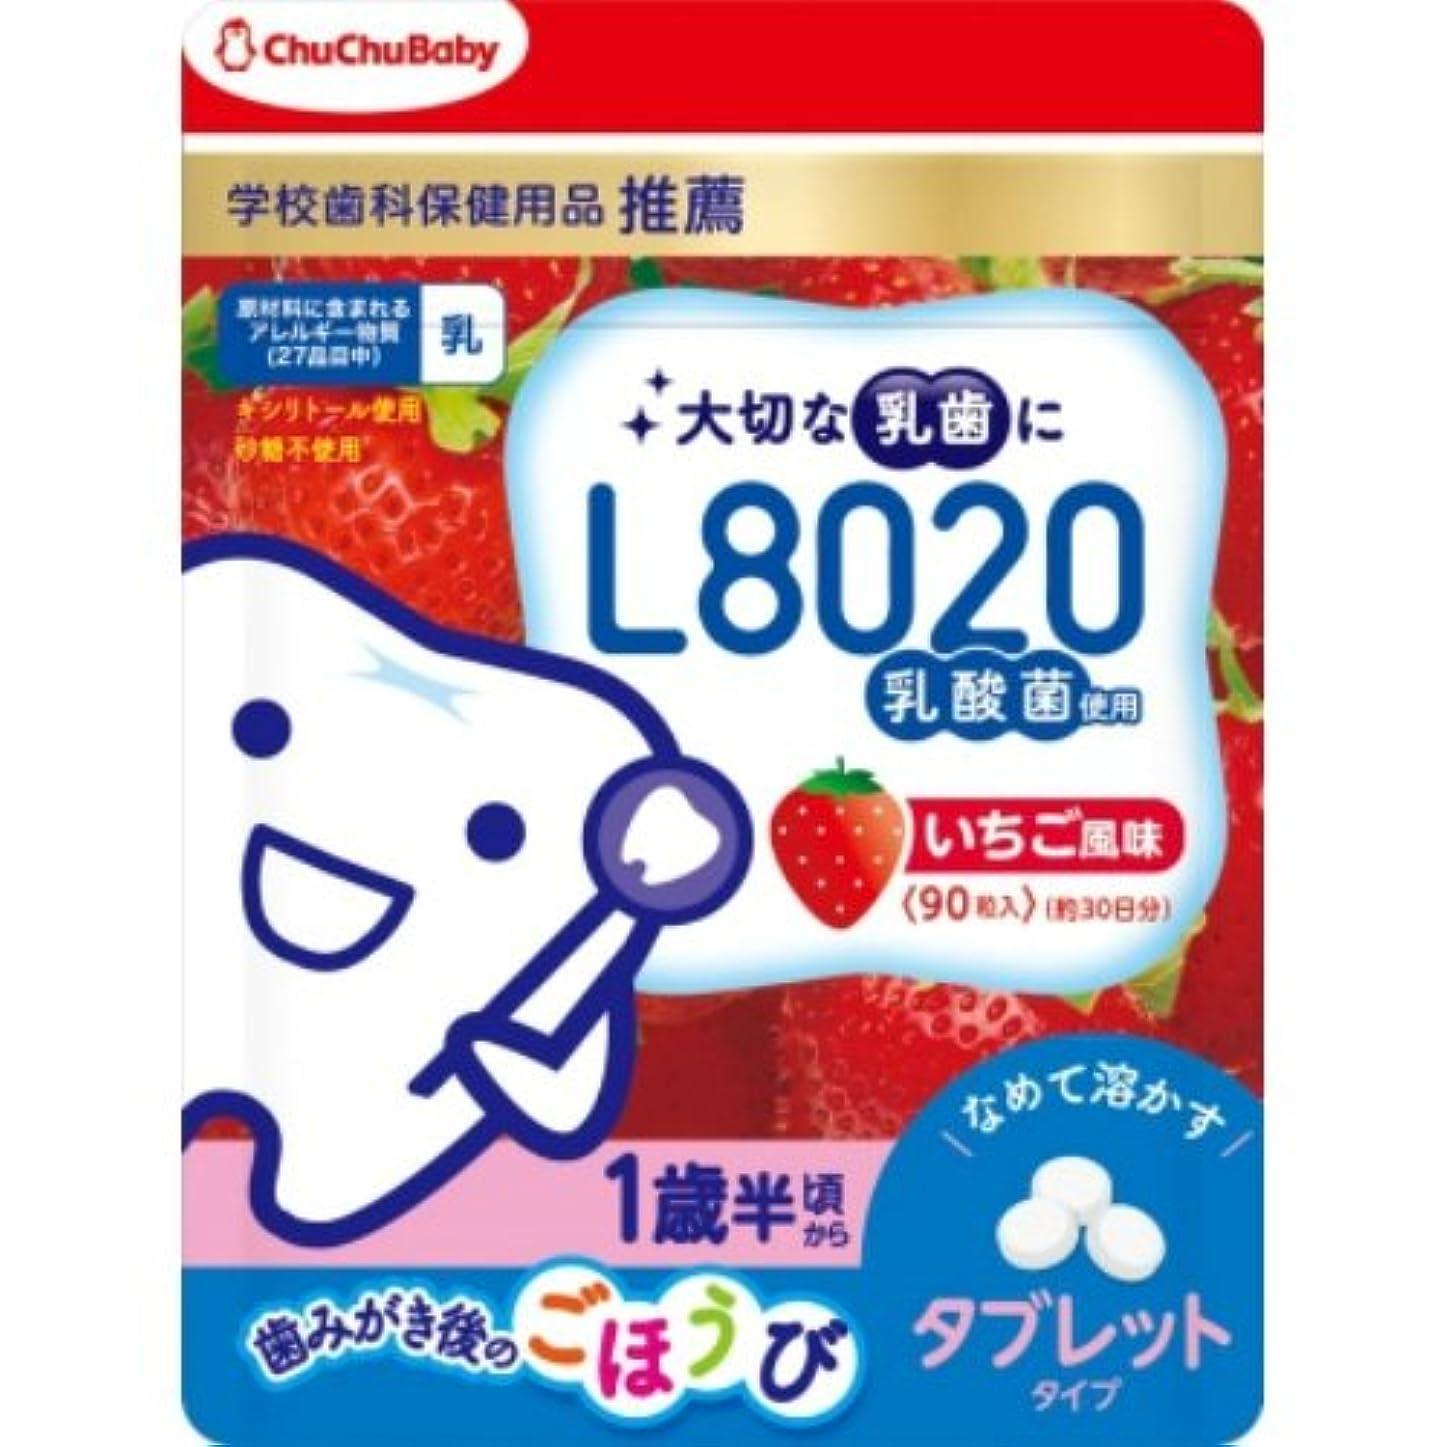 傑作茎したがってL8020乳酸菌チュチュベビータブレットいちご風味 × 5個セット